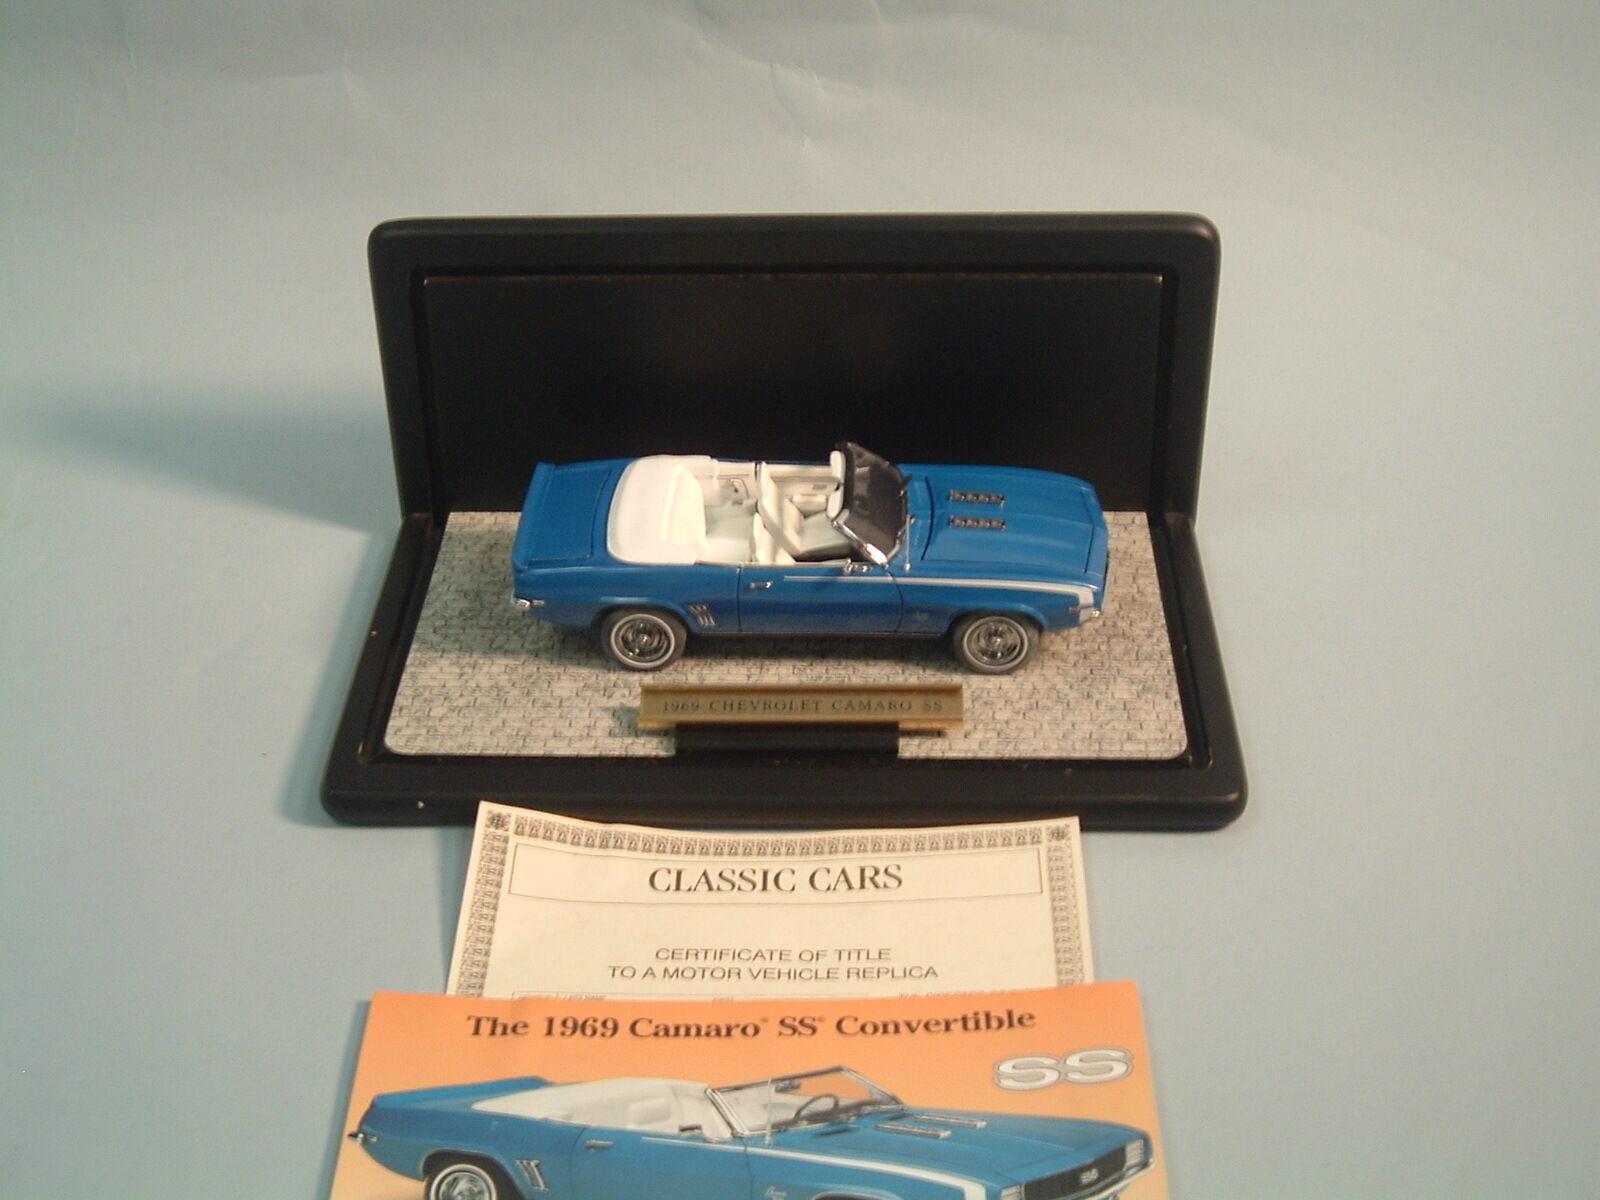 1969 chevrolet camaro ss cabrio blau   rs - 24 von display - druckguss